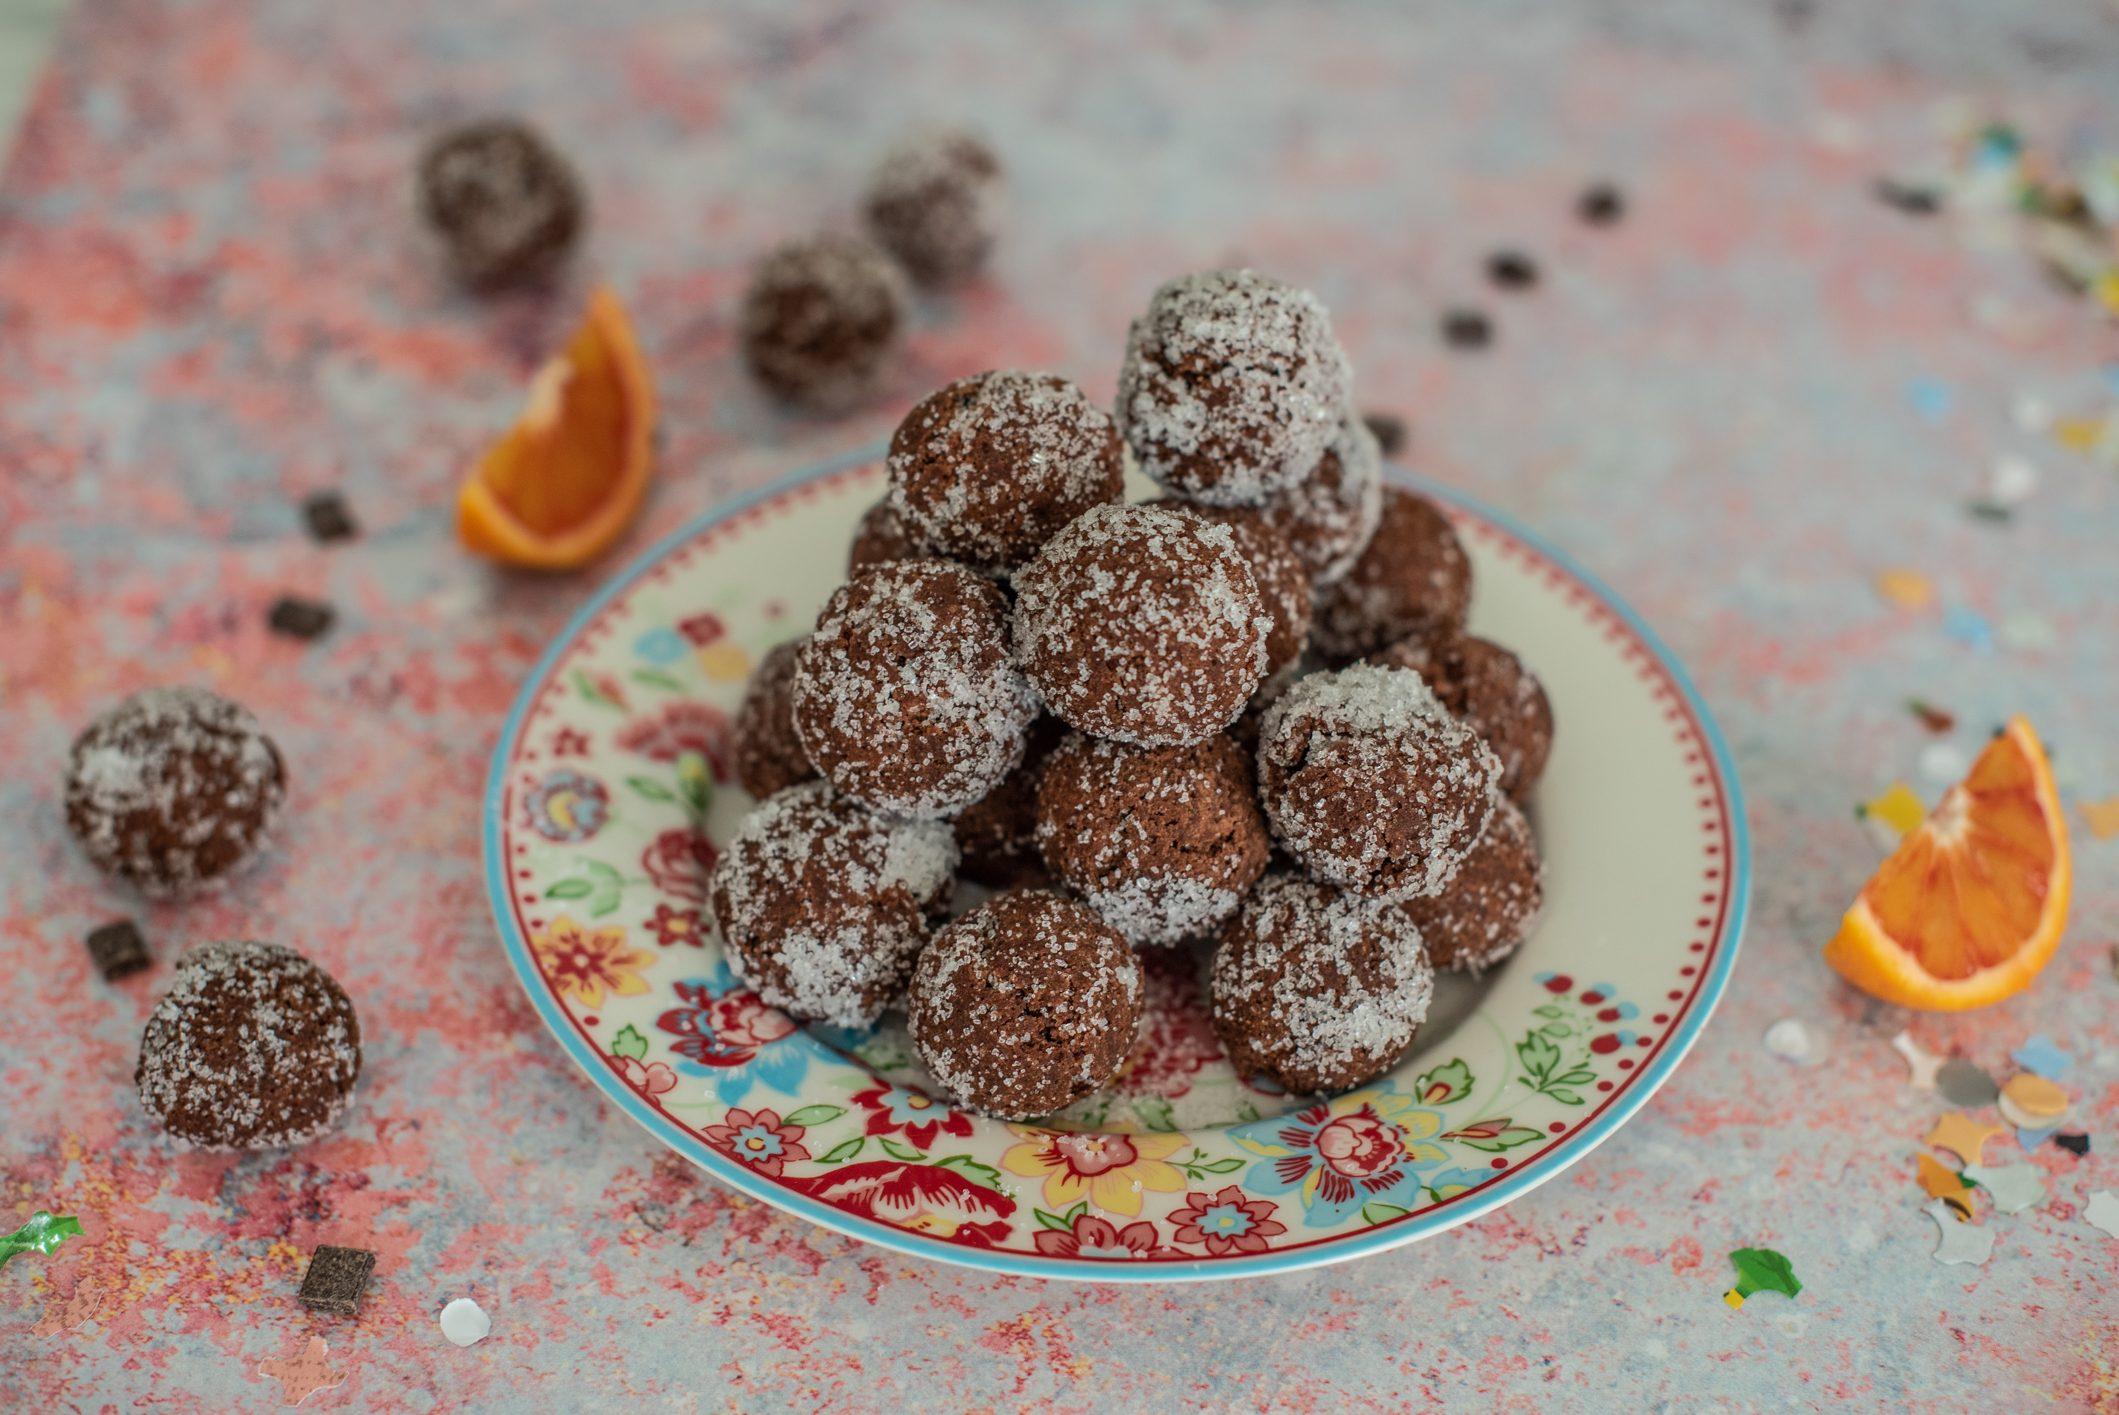 Castagnole con gocce di cioccolato: la ricetta del dolce di carnevale morbido e goloso